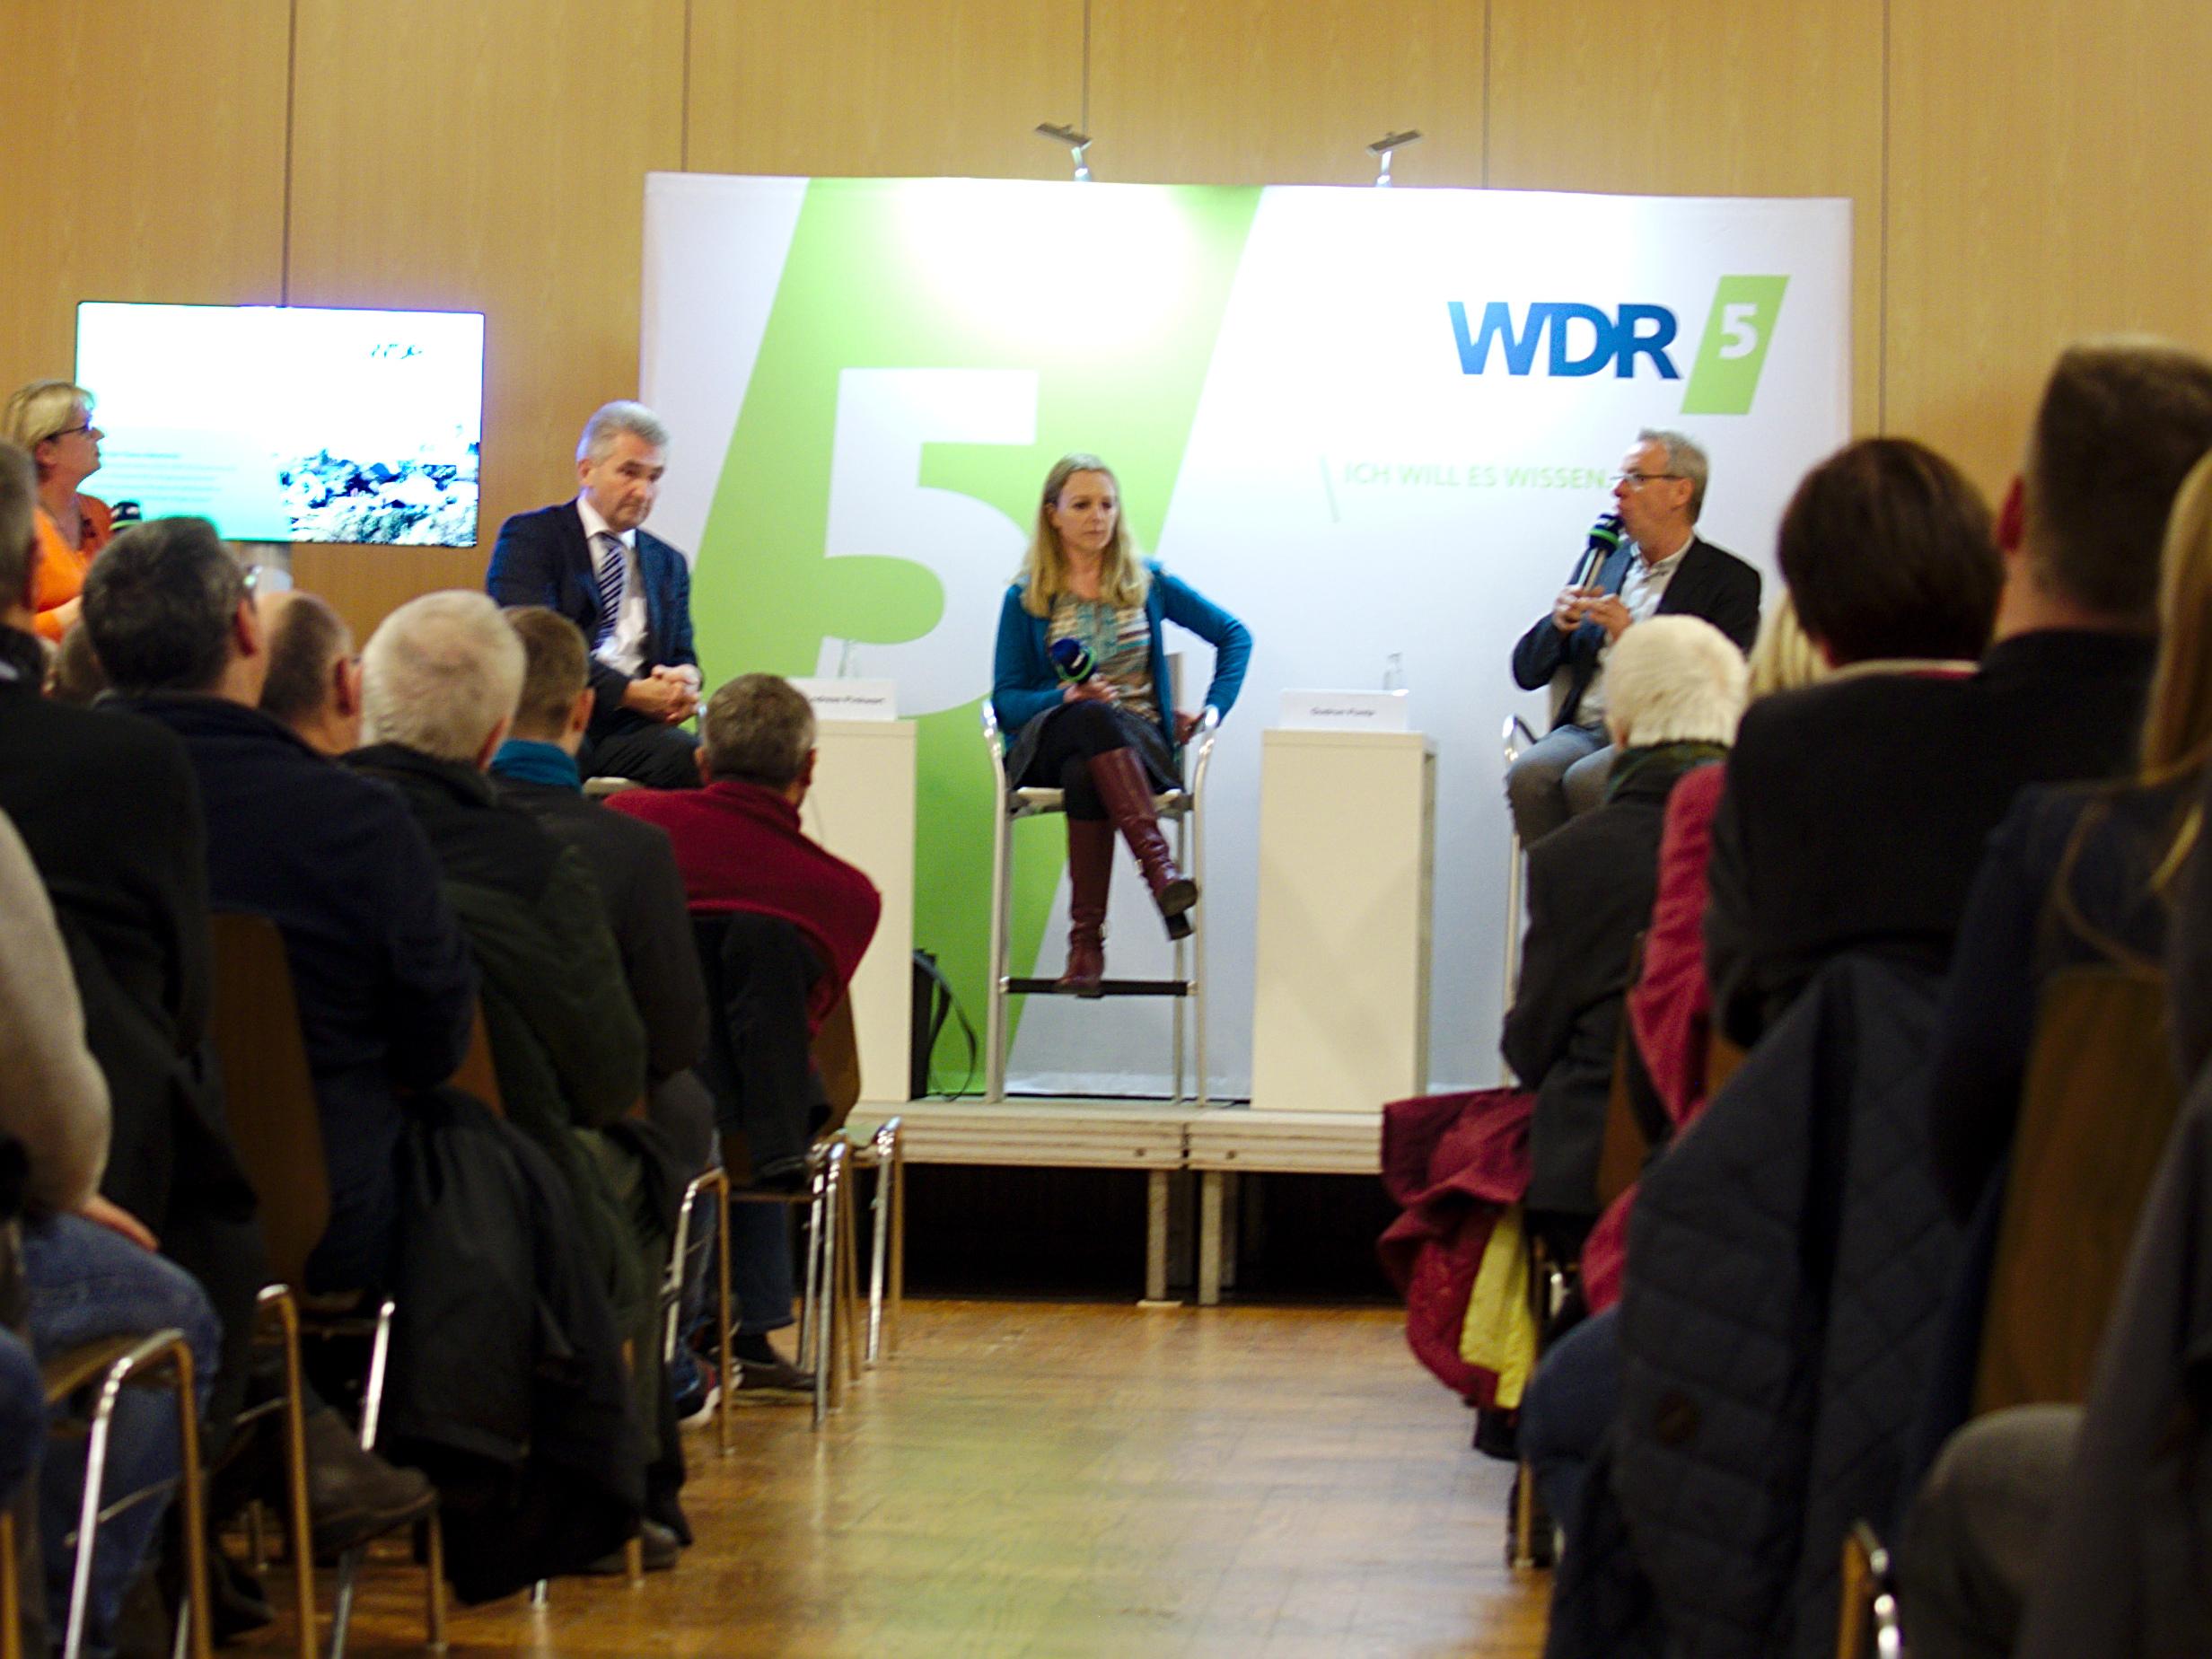 Wdr5 Stadtgespräch